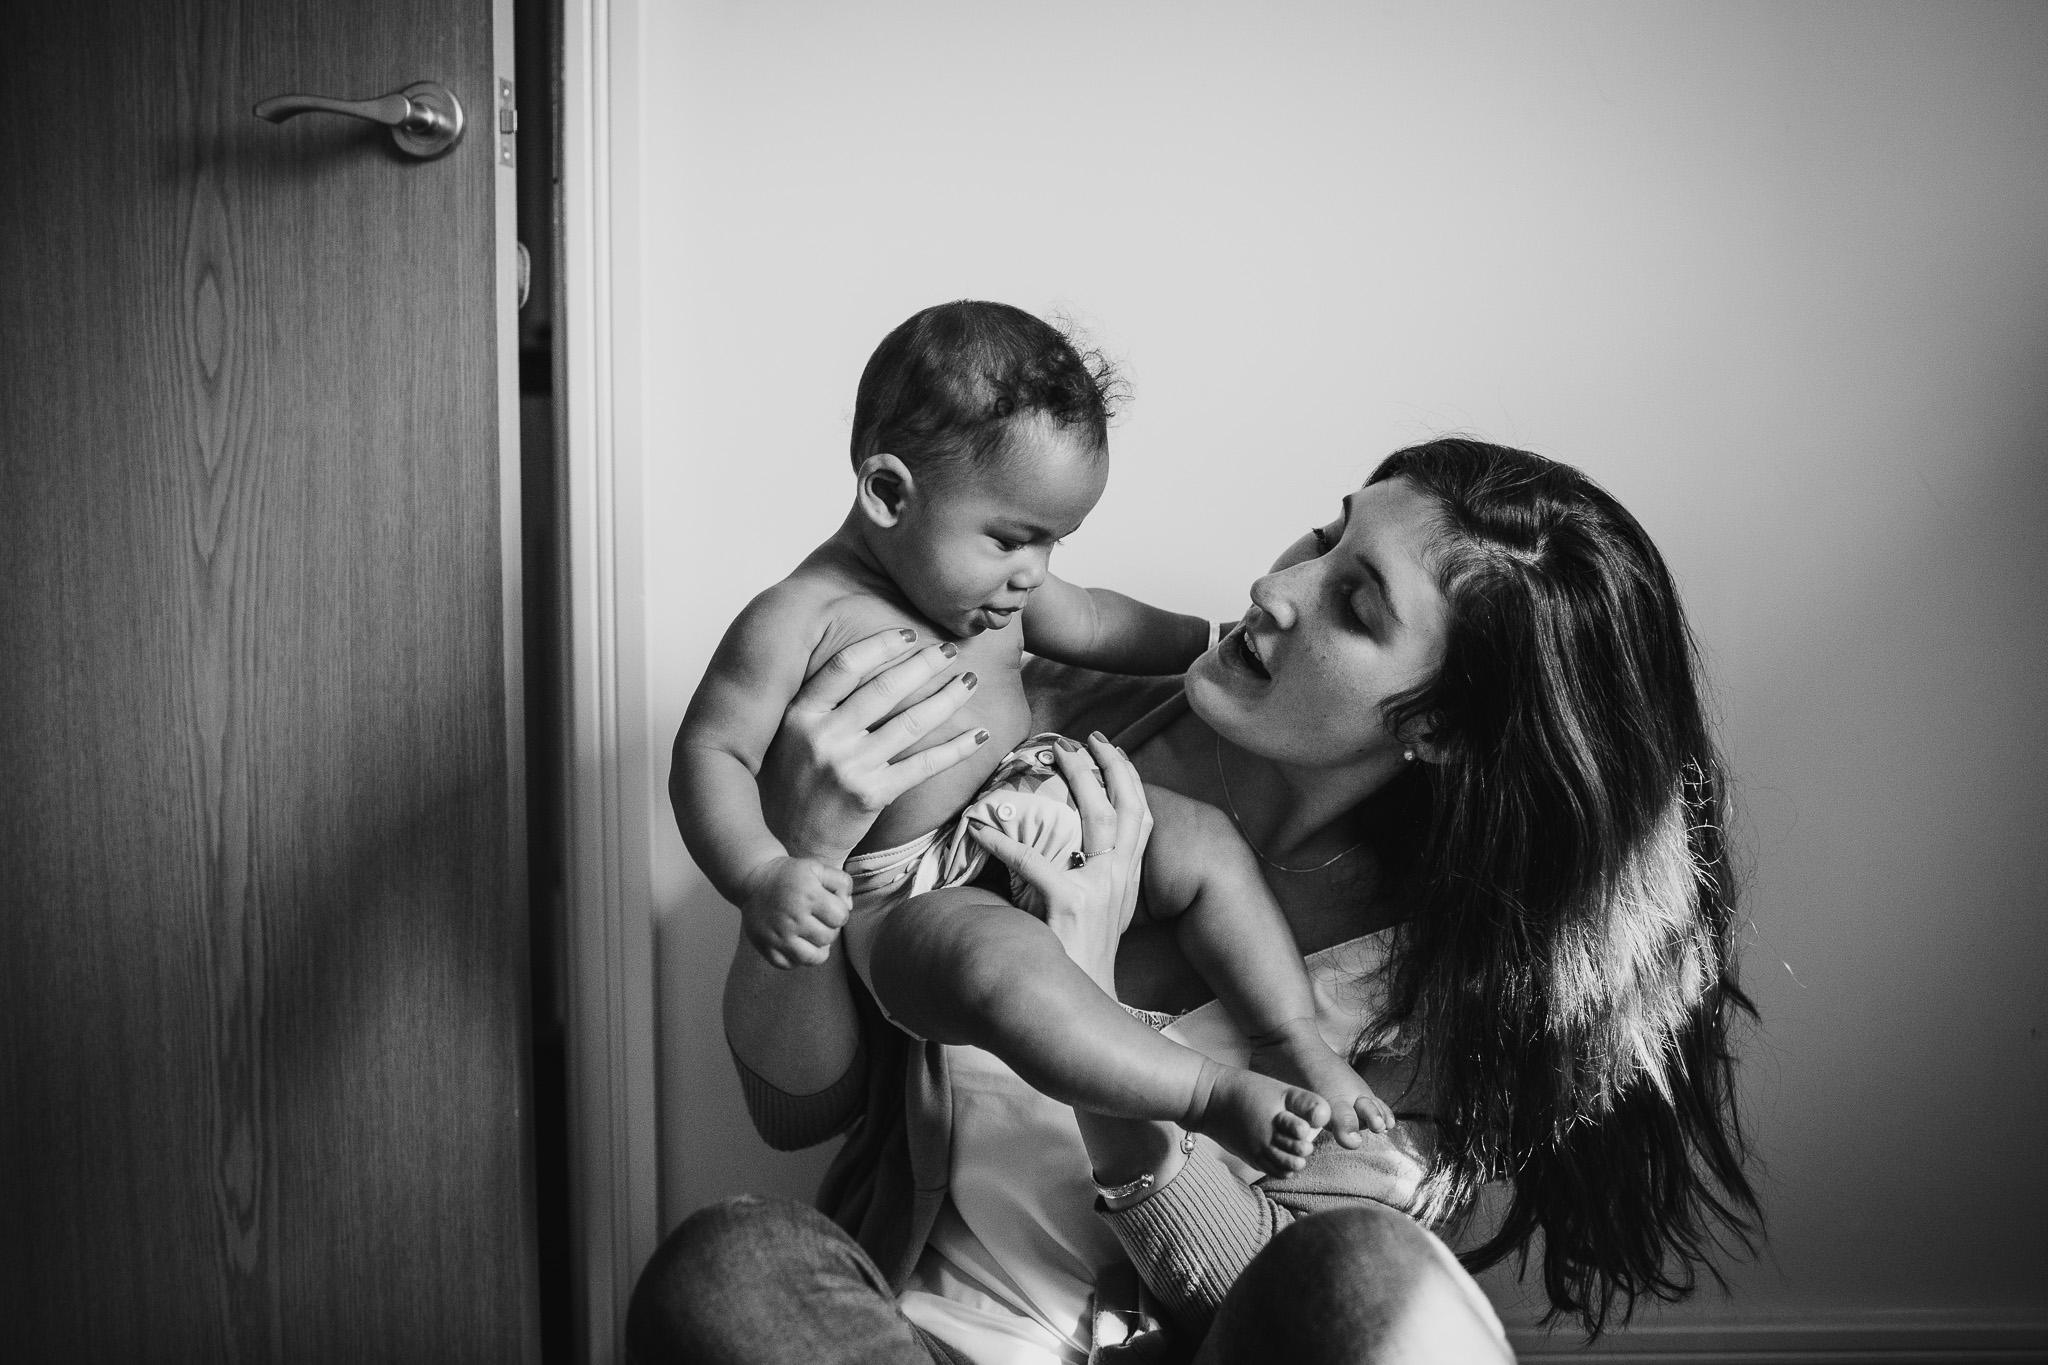 motherhood-baby-inhome-photoshoot-89.jpg